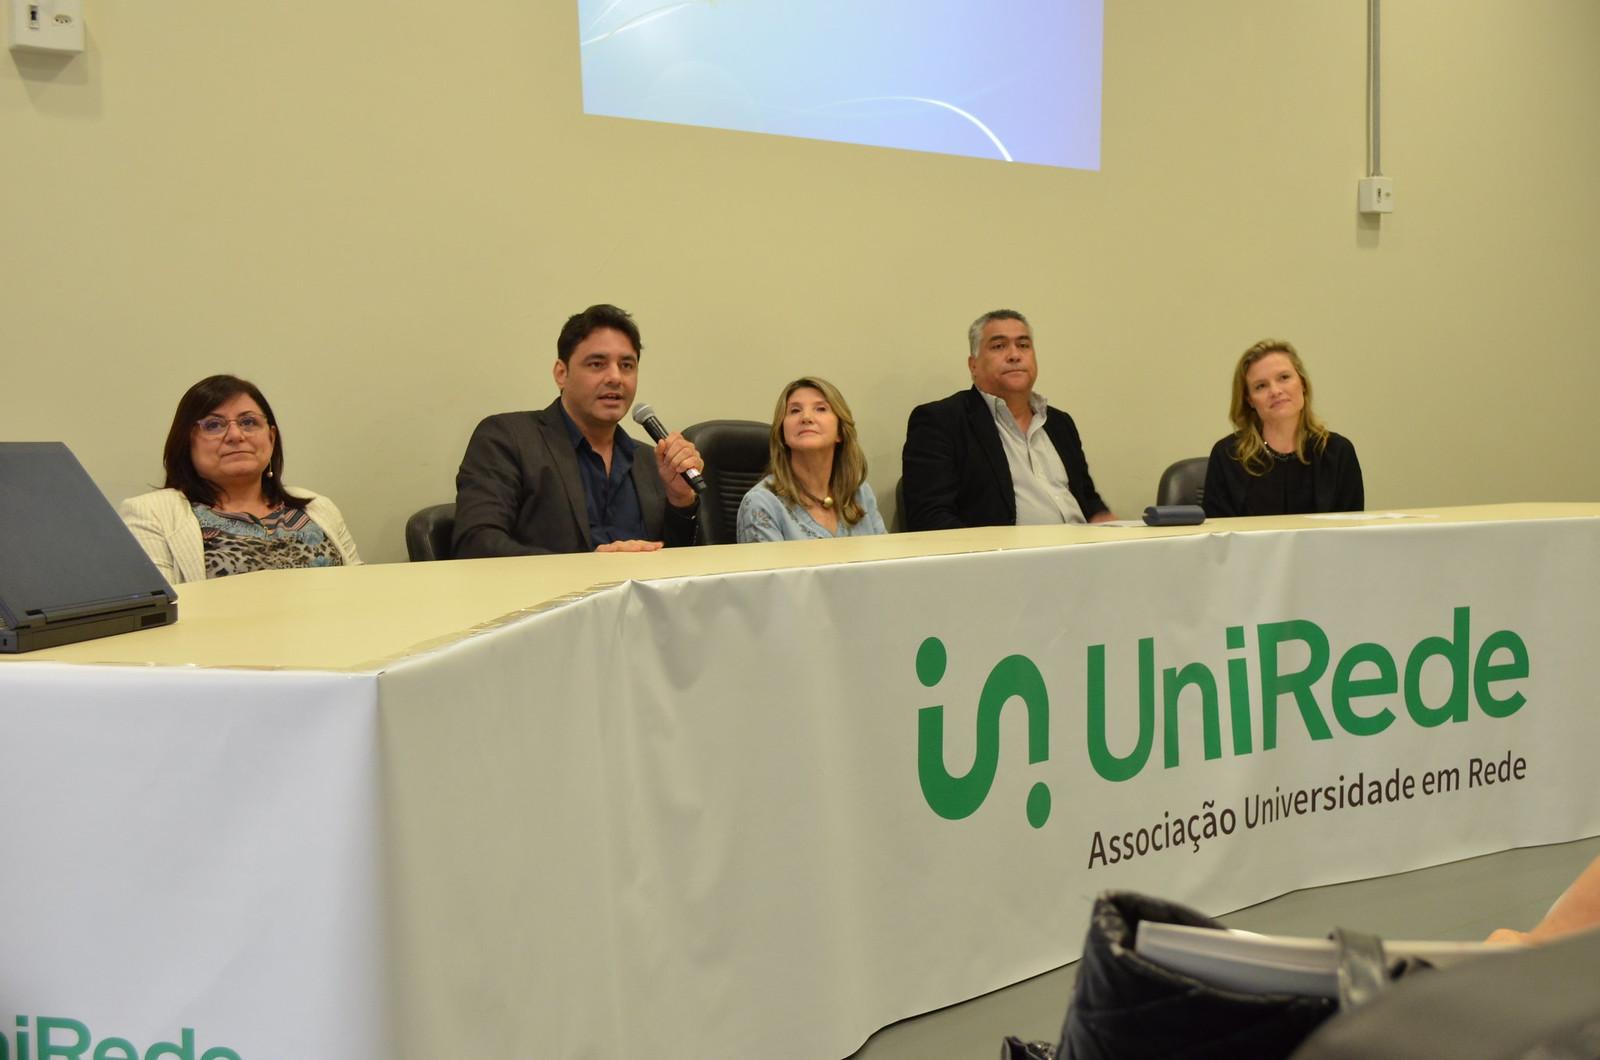 Abertura Seminário Nacional UniRede 2018 - 21/08/2018